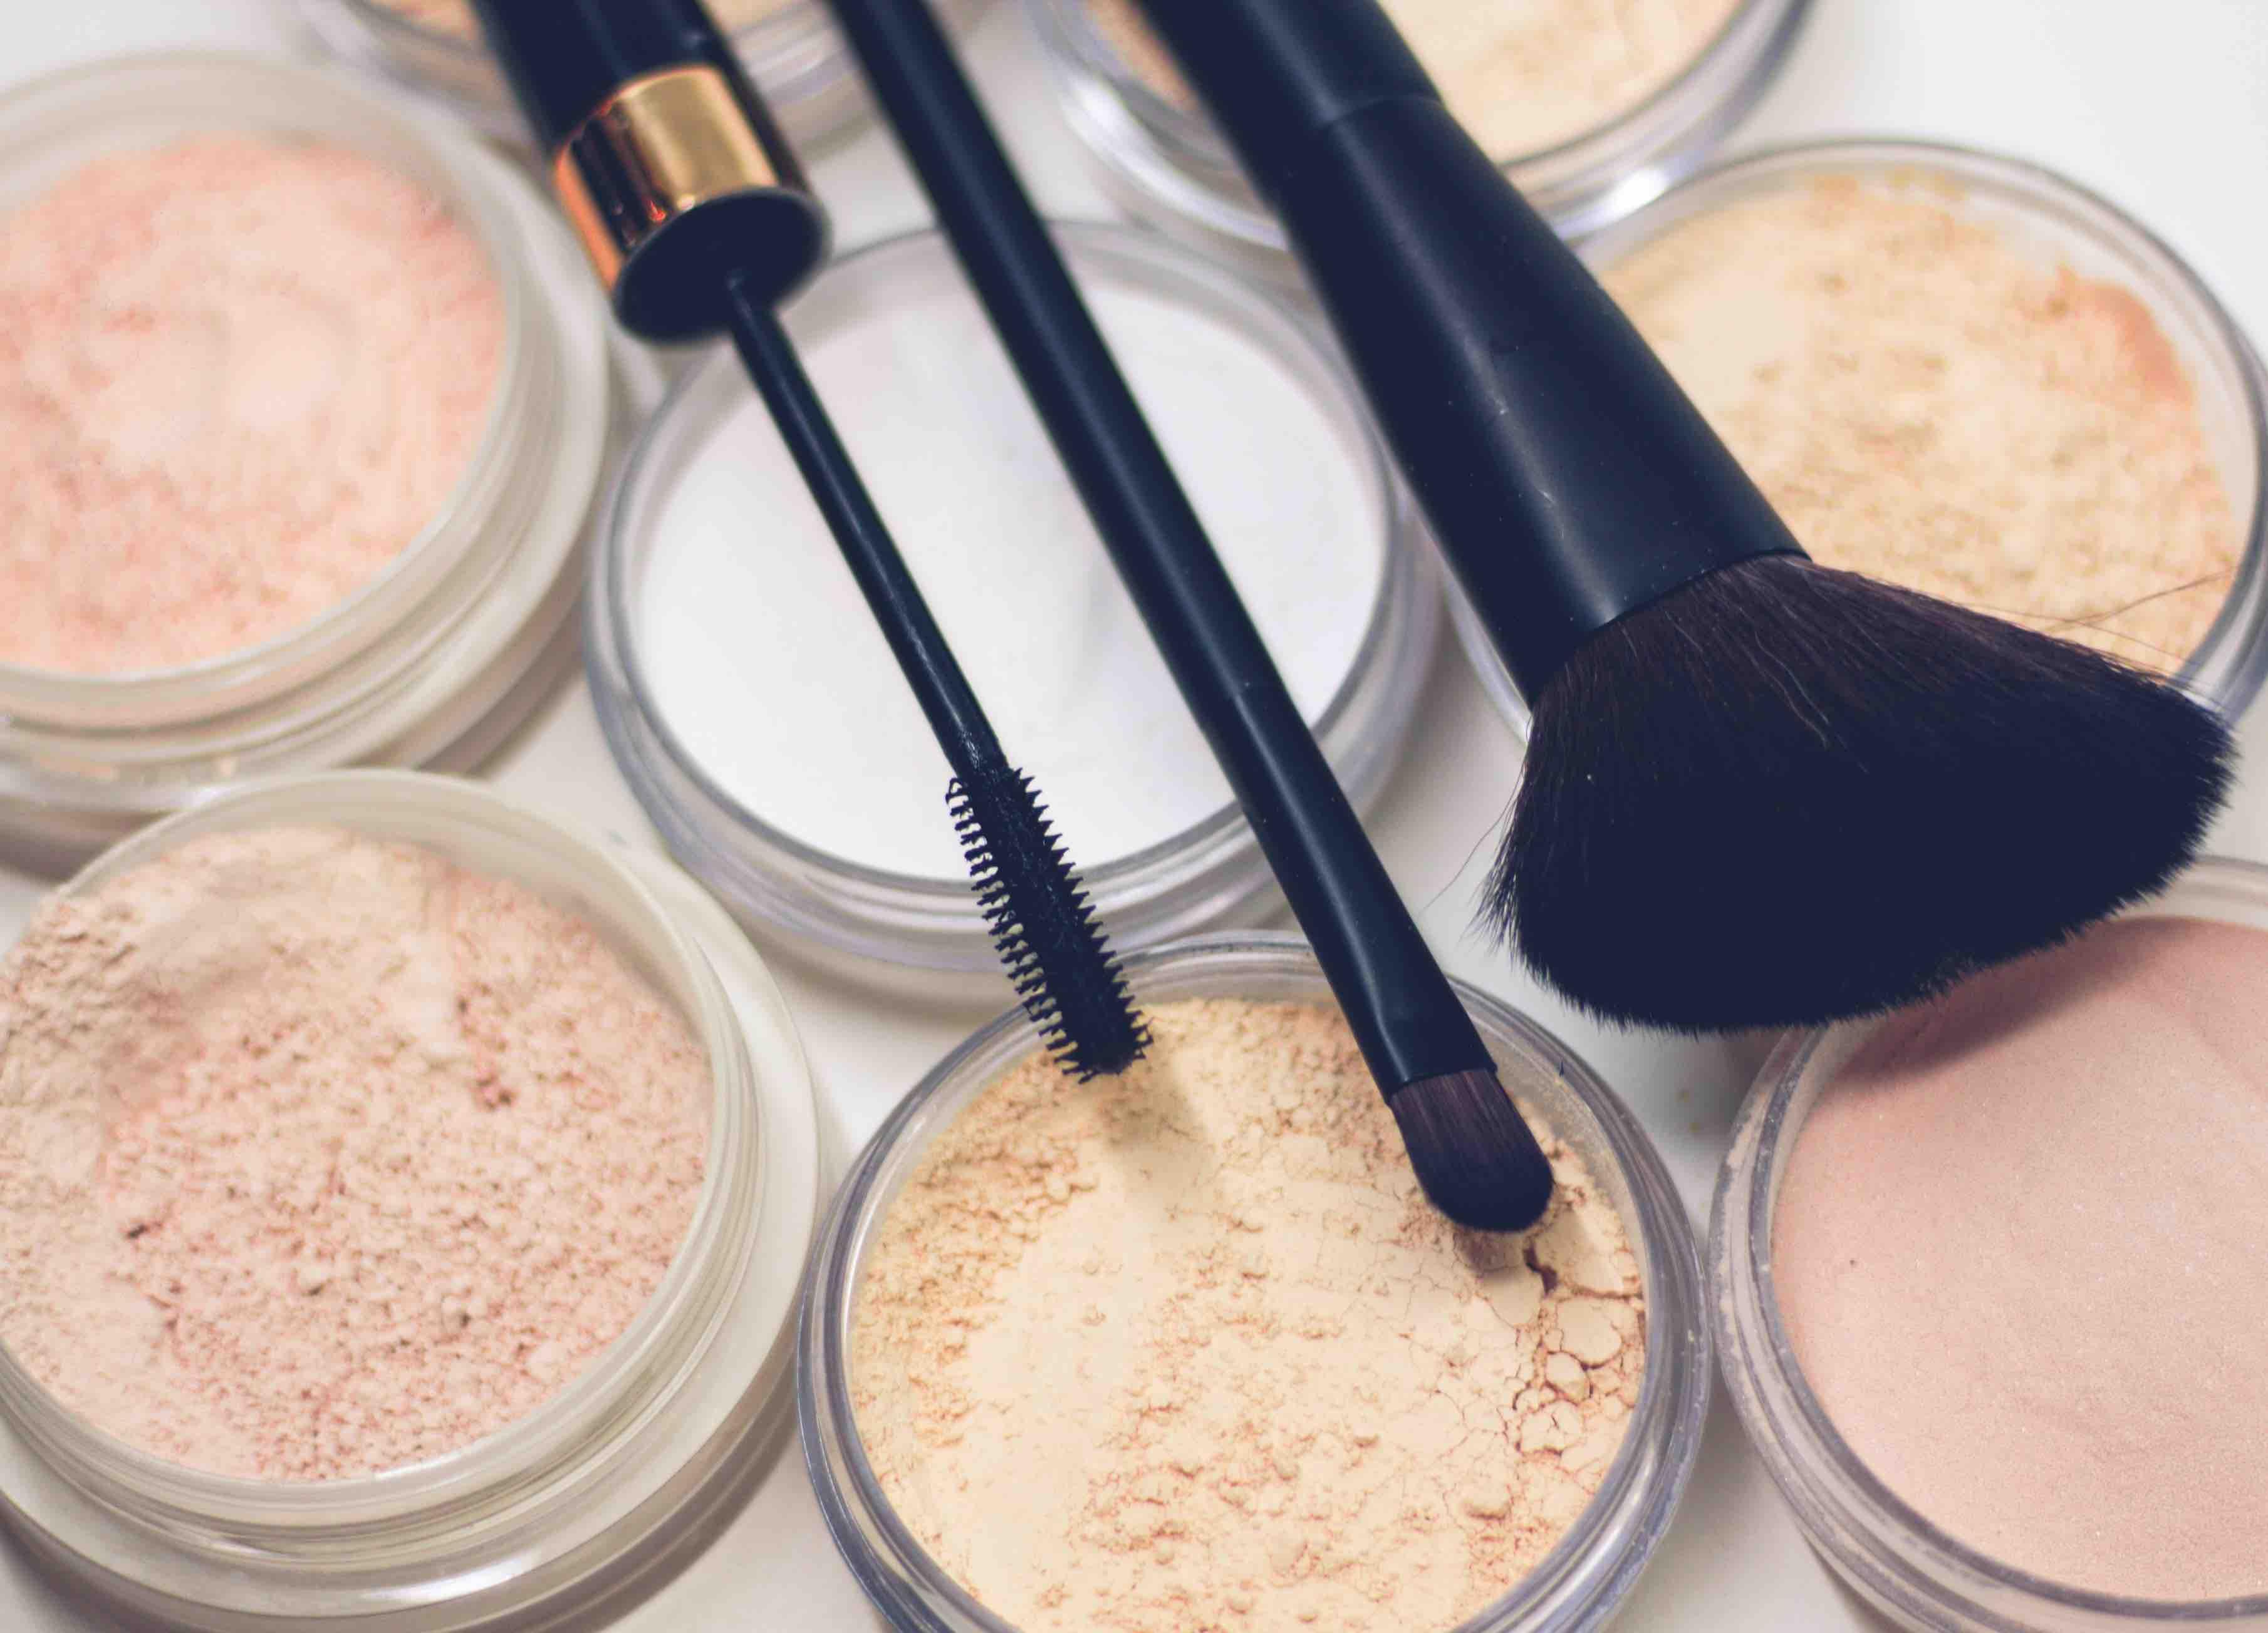 Makeup-halftime